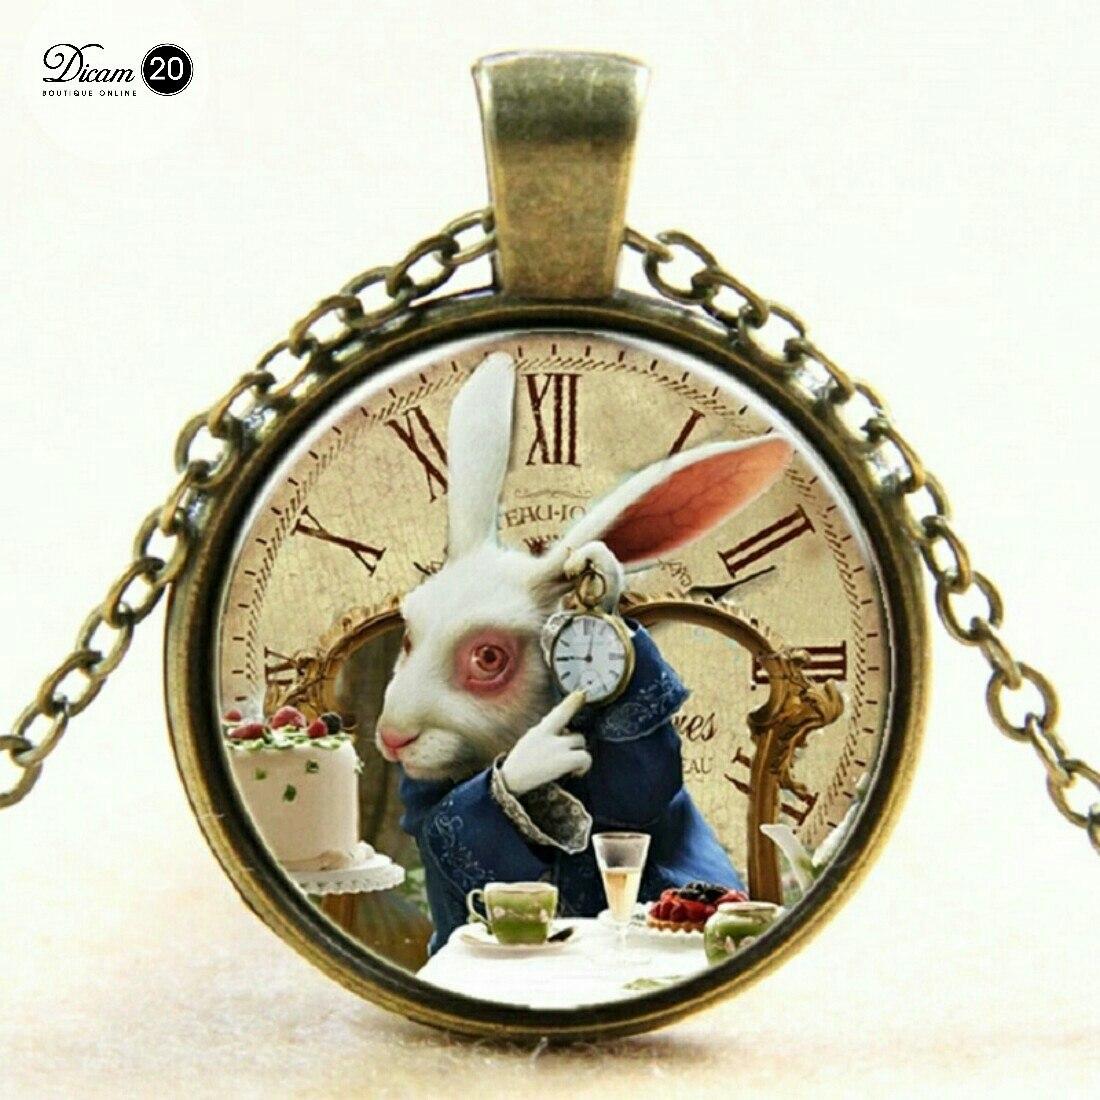 Collar gato y conejo alicia en el pais de las maravillas s 20 00 en mercado libre - Conejo de alicia en el pais de las maravillas ...